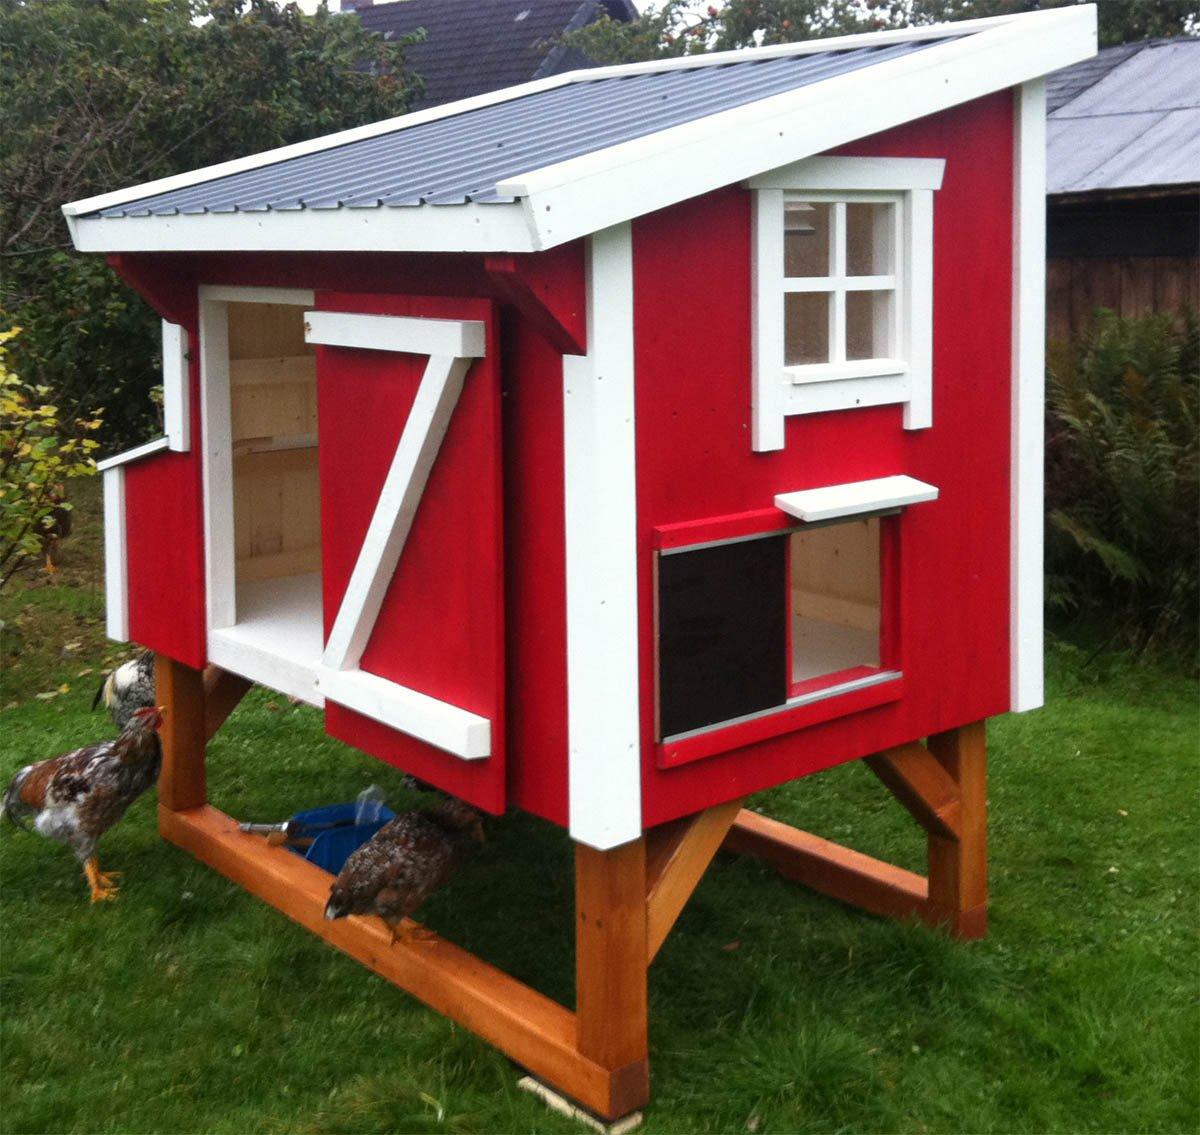 Designer Hühnerstall hühnerstall small coop für 5 bis 7 hühner bauweise